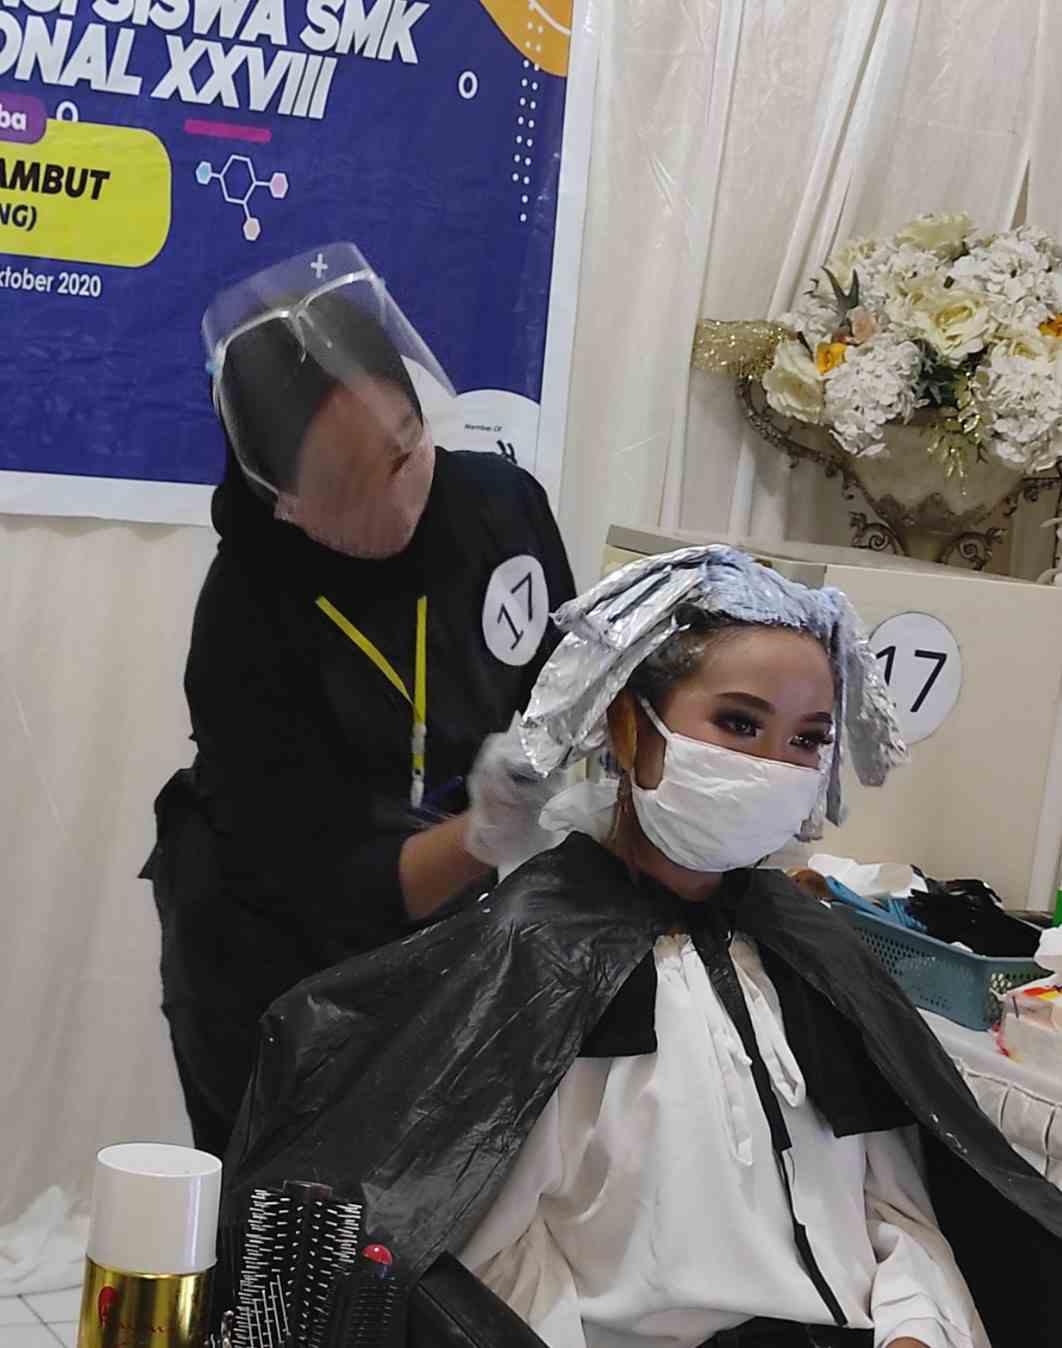 Siswi SMKN 3 Kendari Raih Peringkat 8 Lomba Hairdressing Tingkat Nasional 2020